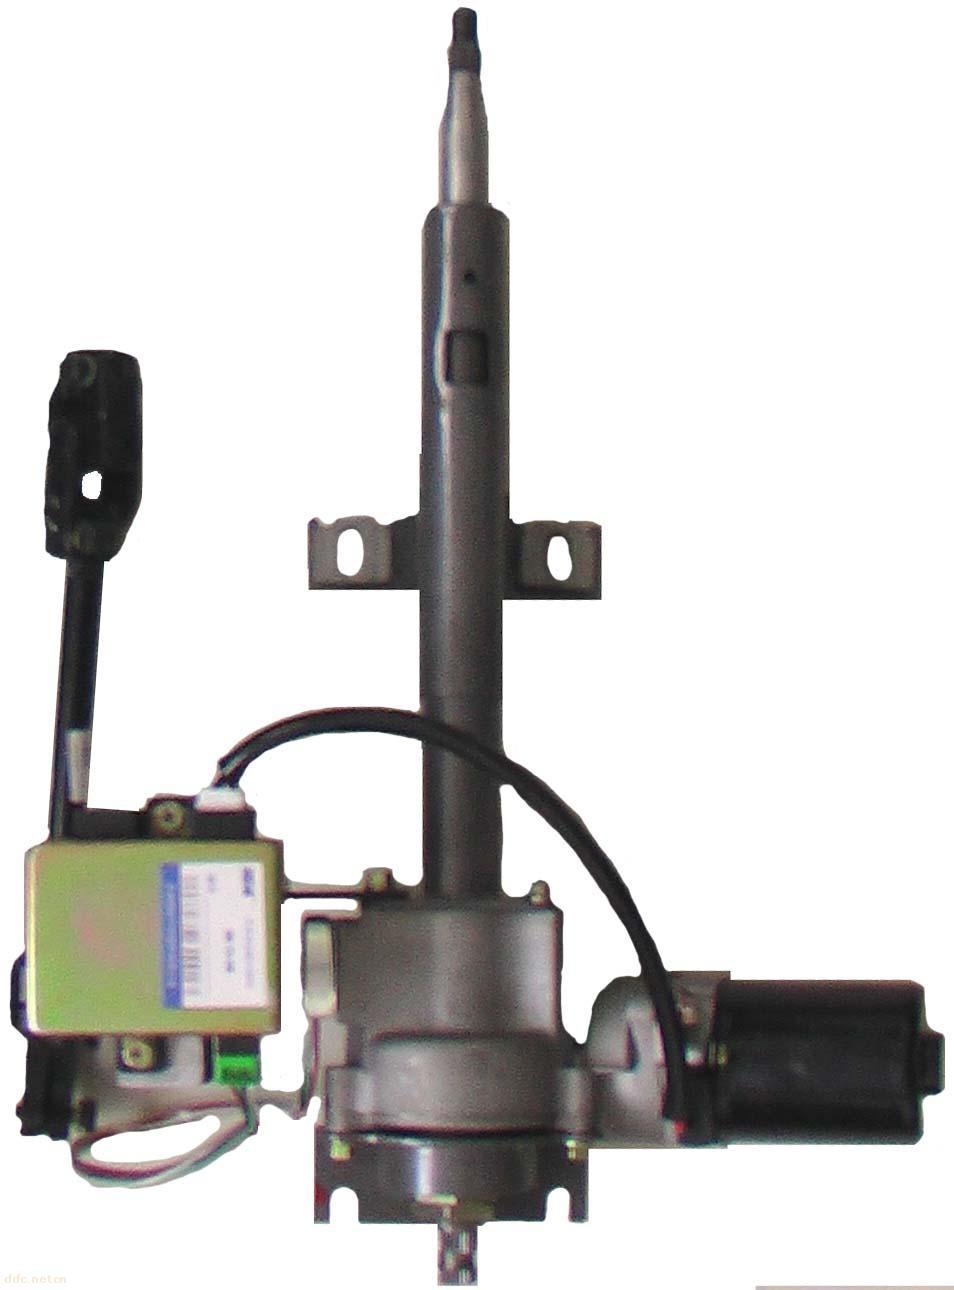 哈飞系列电动助力转向 天津德科汽车部件有限公司,天津德科汽车部件高清图片